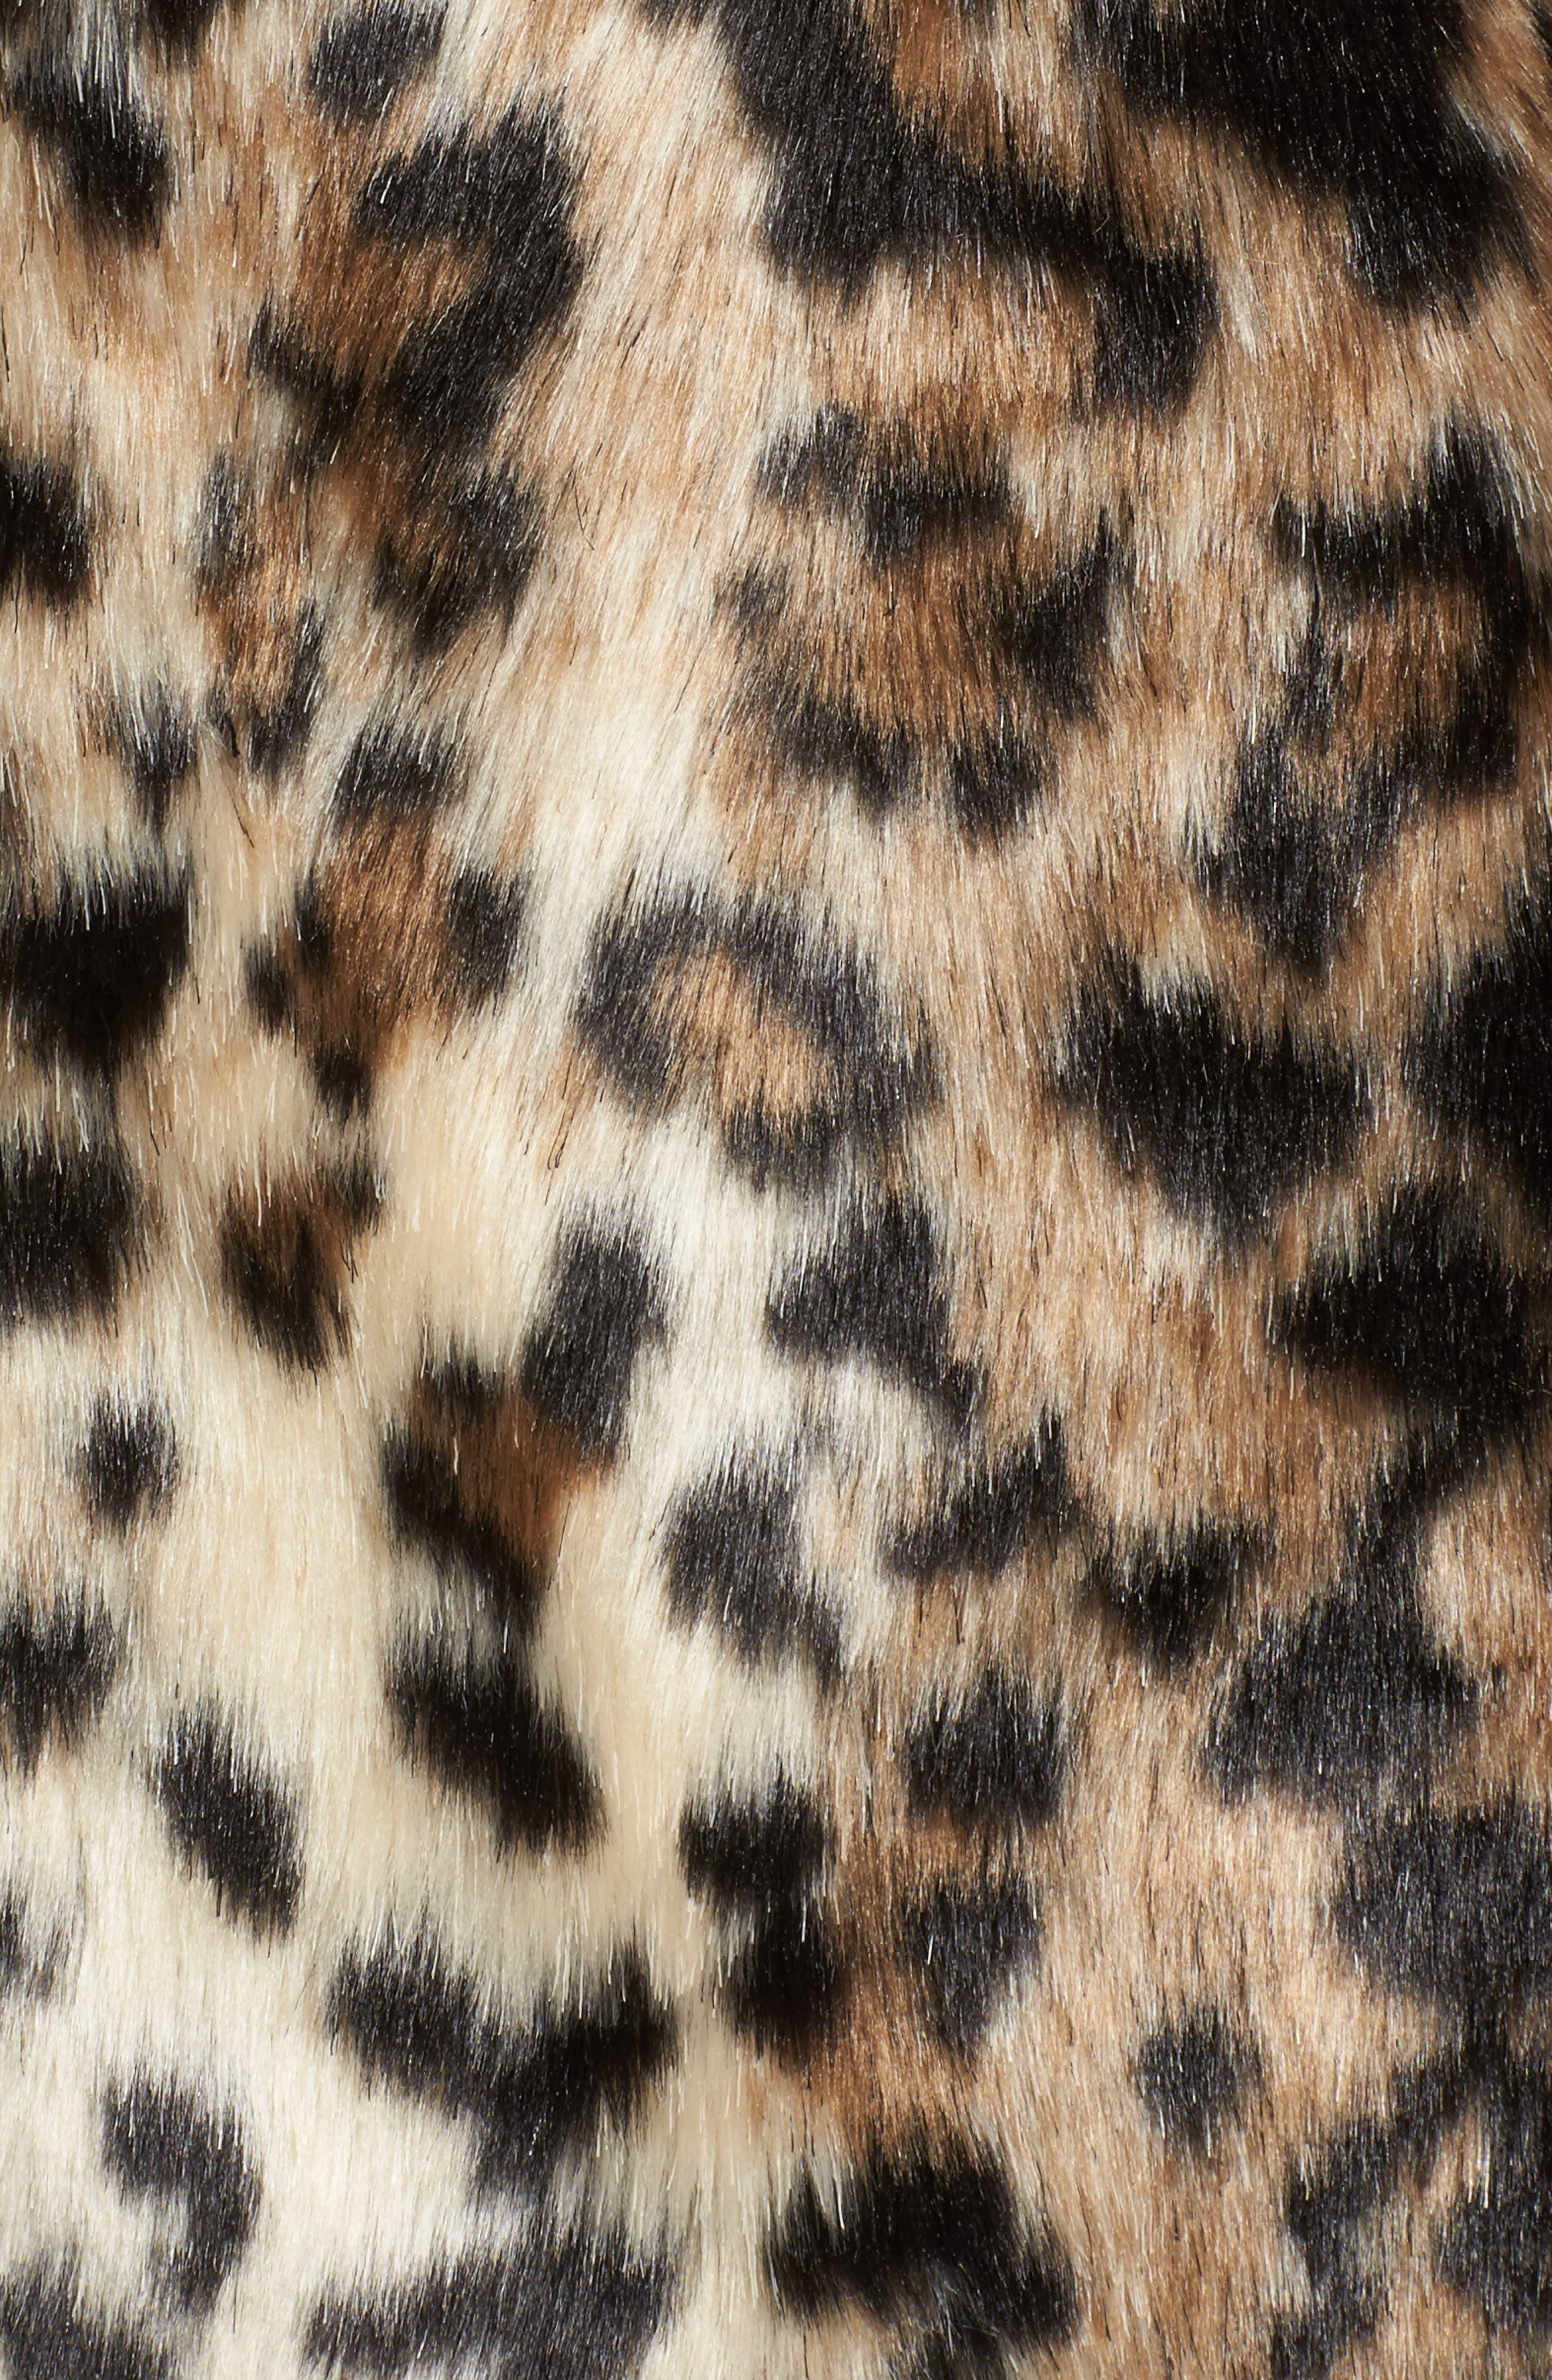 McKinley Leopard Print Faux Fur Jacket,                             Alternate thumbnail 6, color,                             238